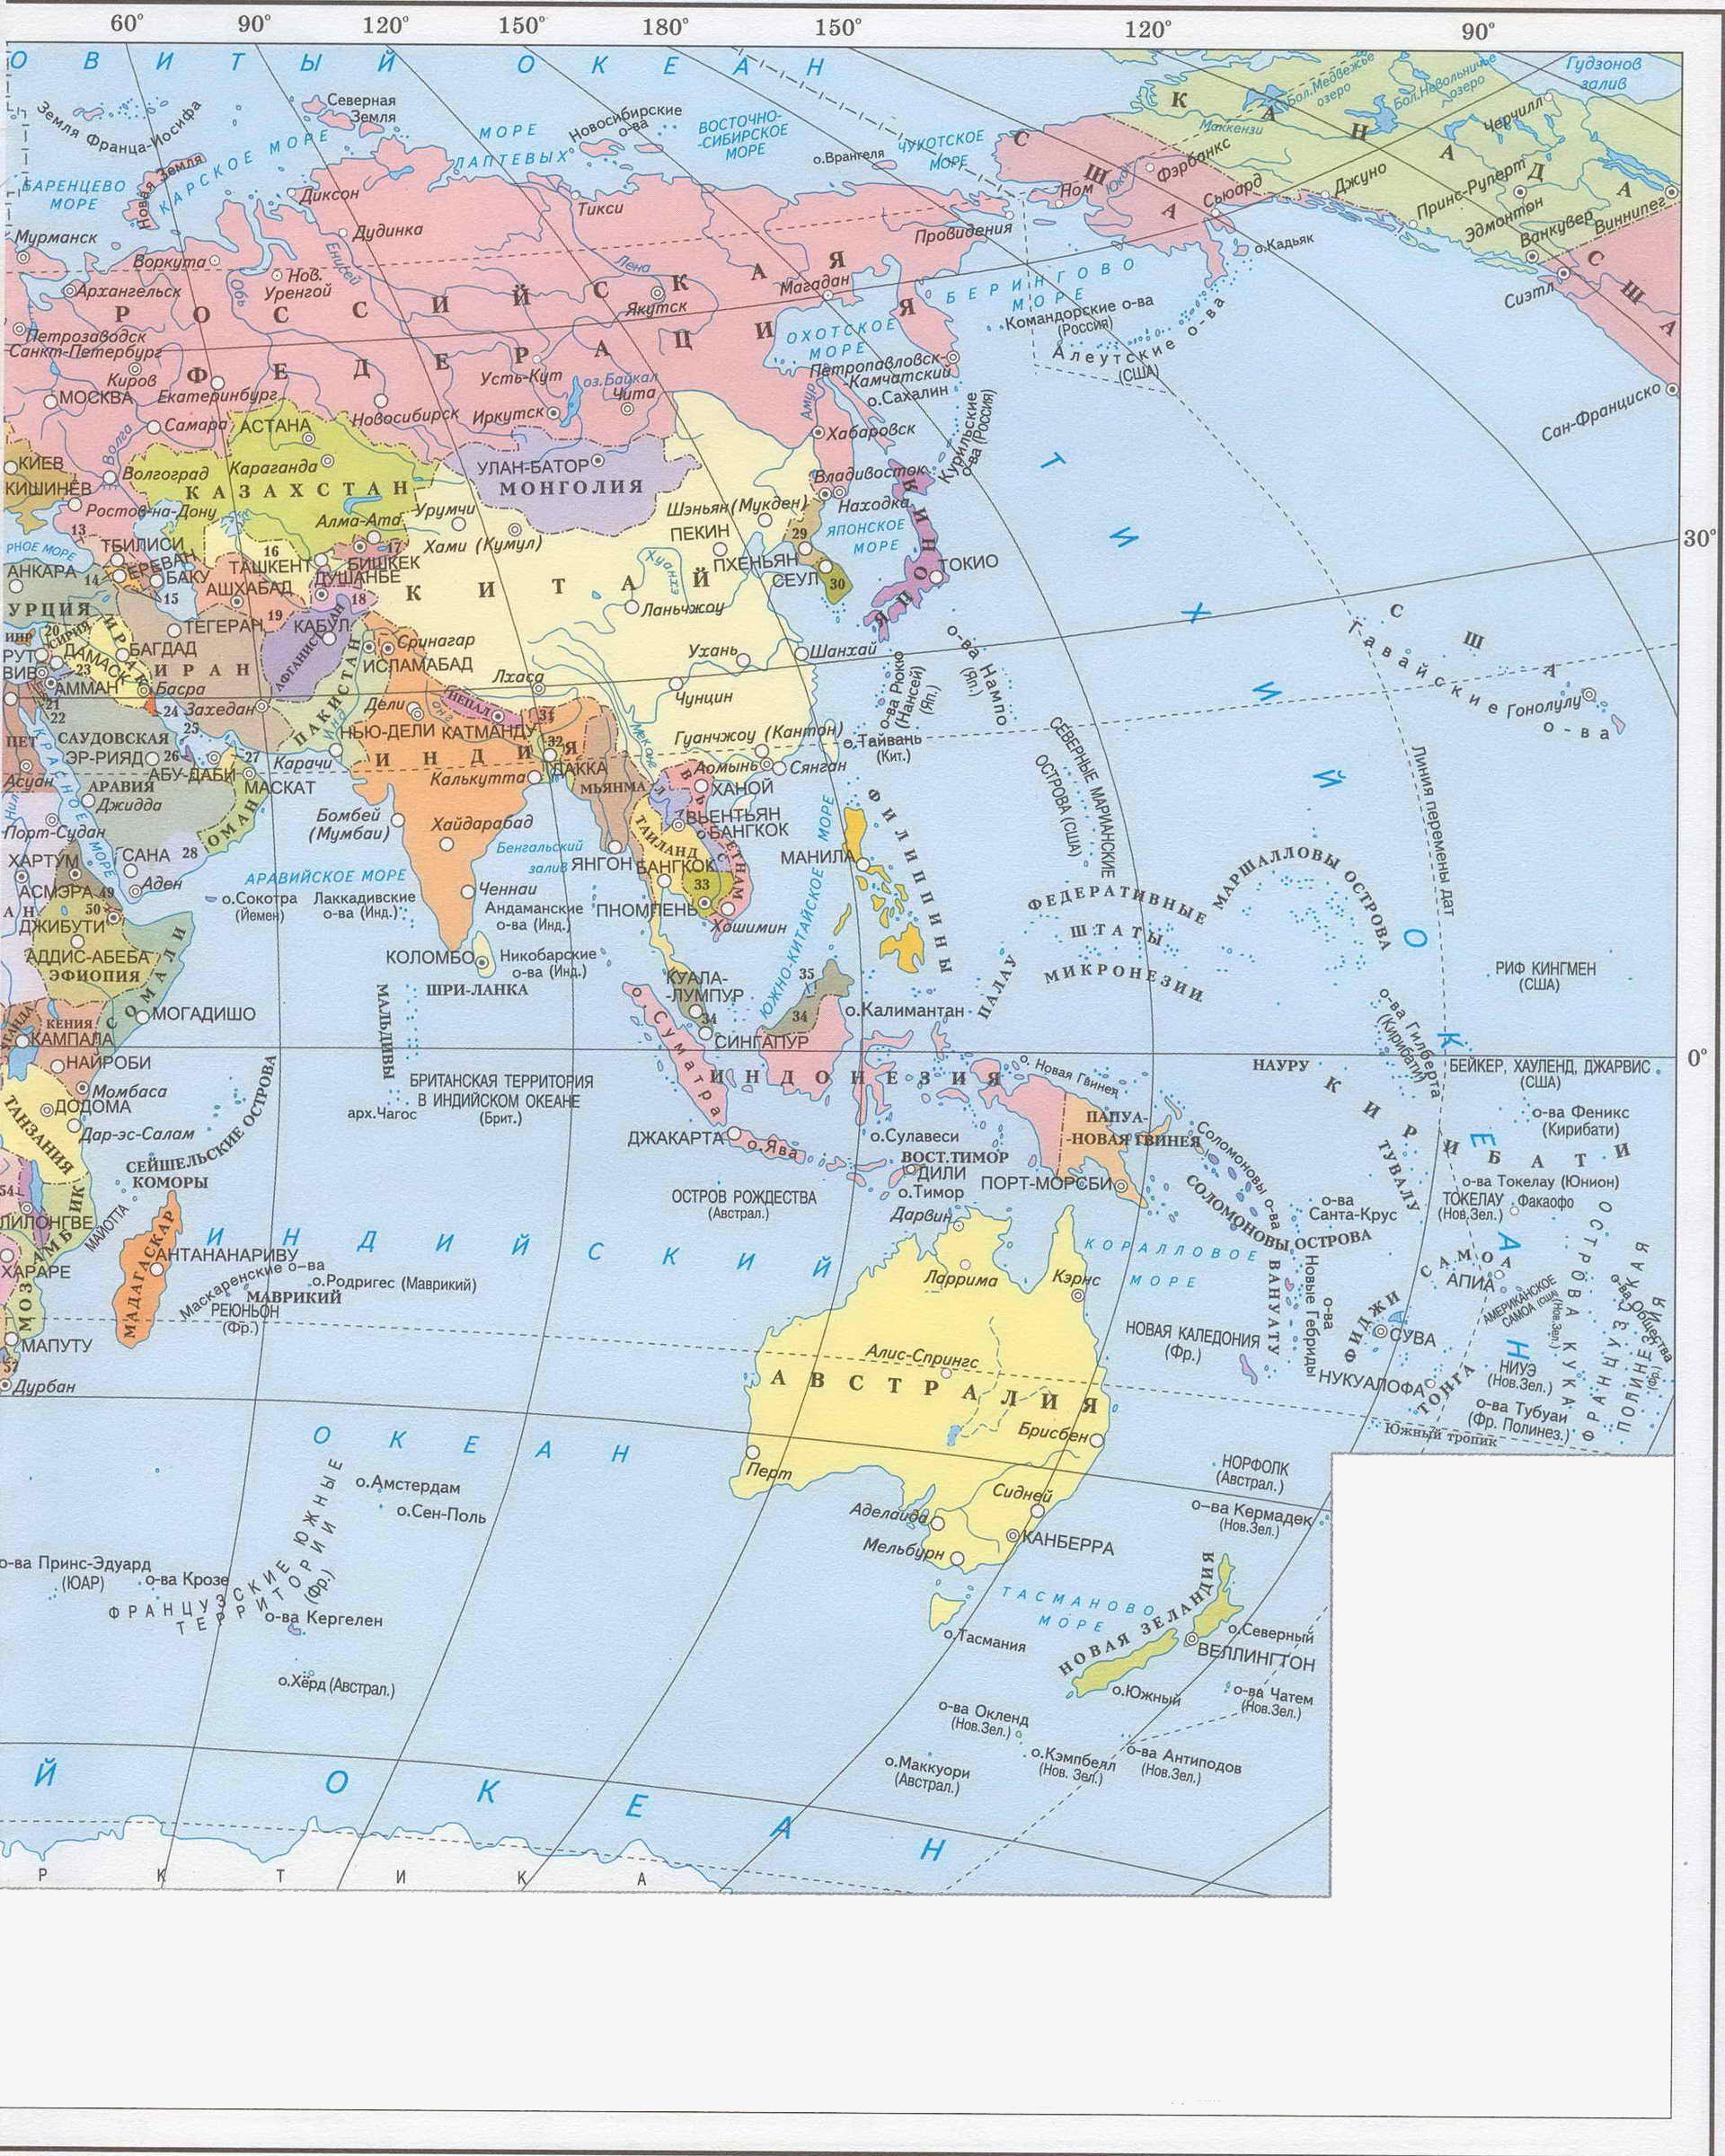 2011 - 2013 RUS Maps - все карты России в одном месте.  Политическая карта мира.  Россия на современной политической...